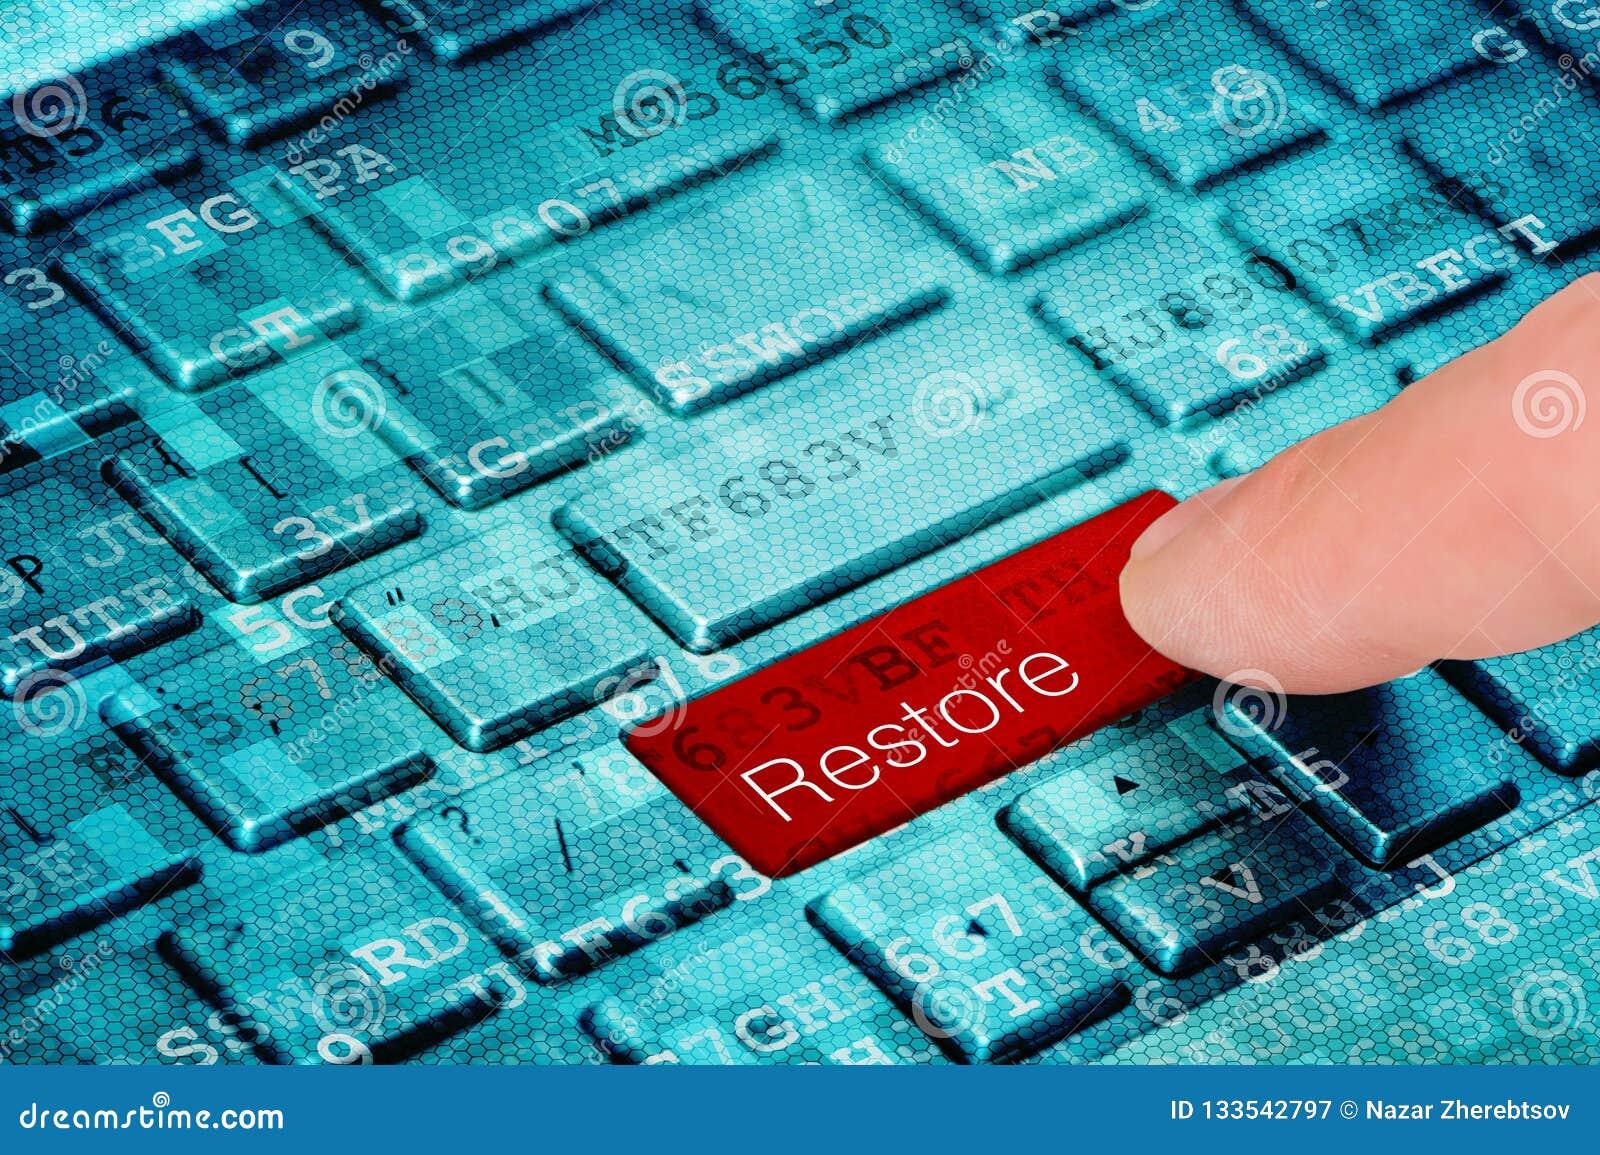 Un botón de restauración rojo de la prensa del finger en el teclado digital azul del ordenador portátil